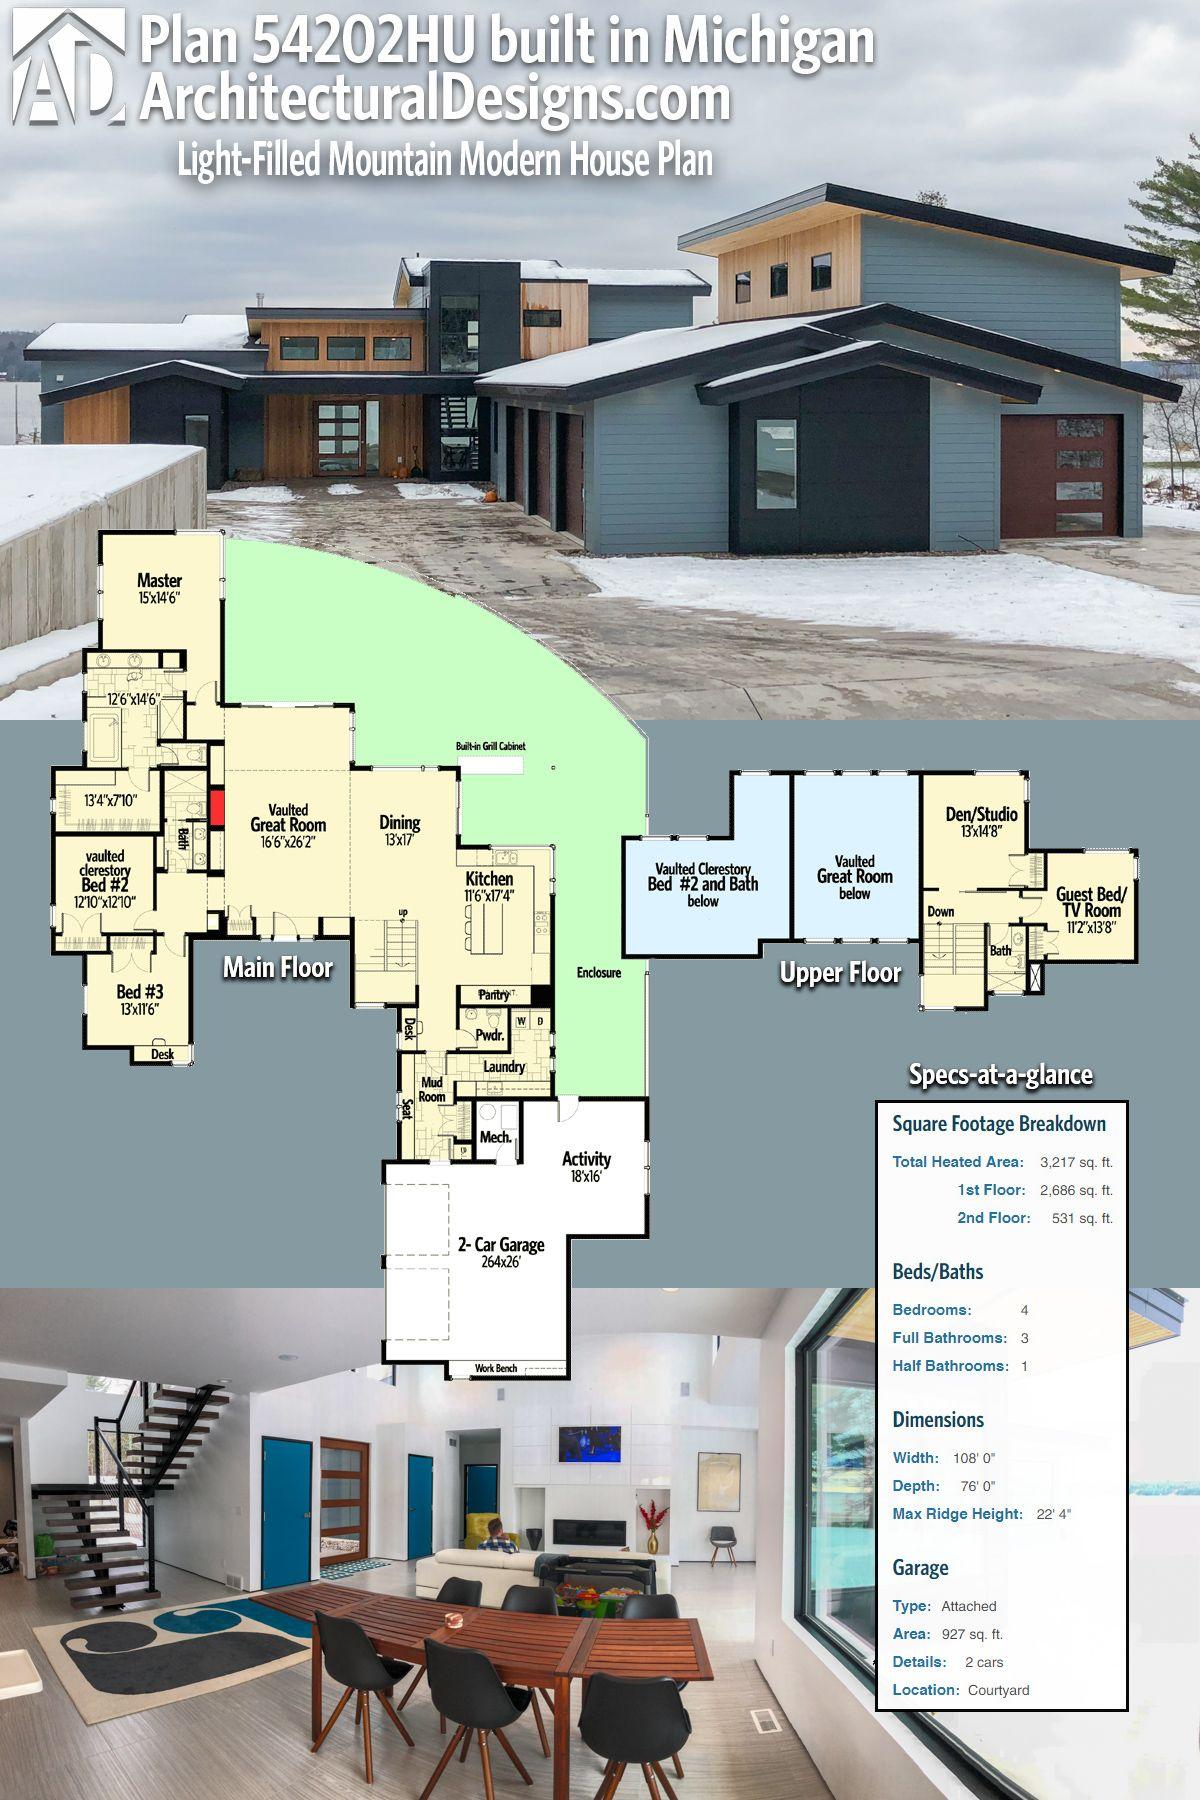 plan 54202hu light filled mountain modern house plan modern house